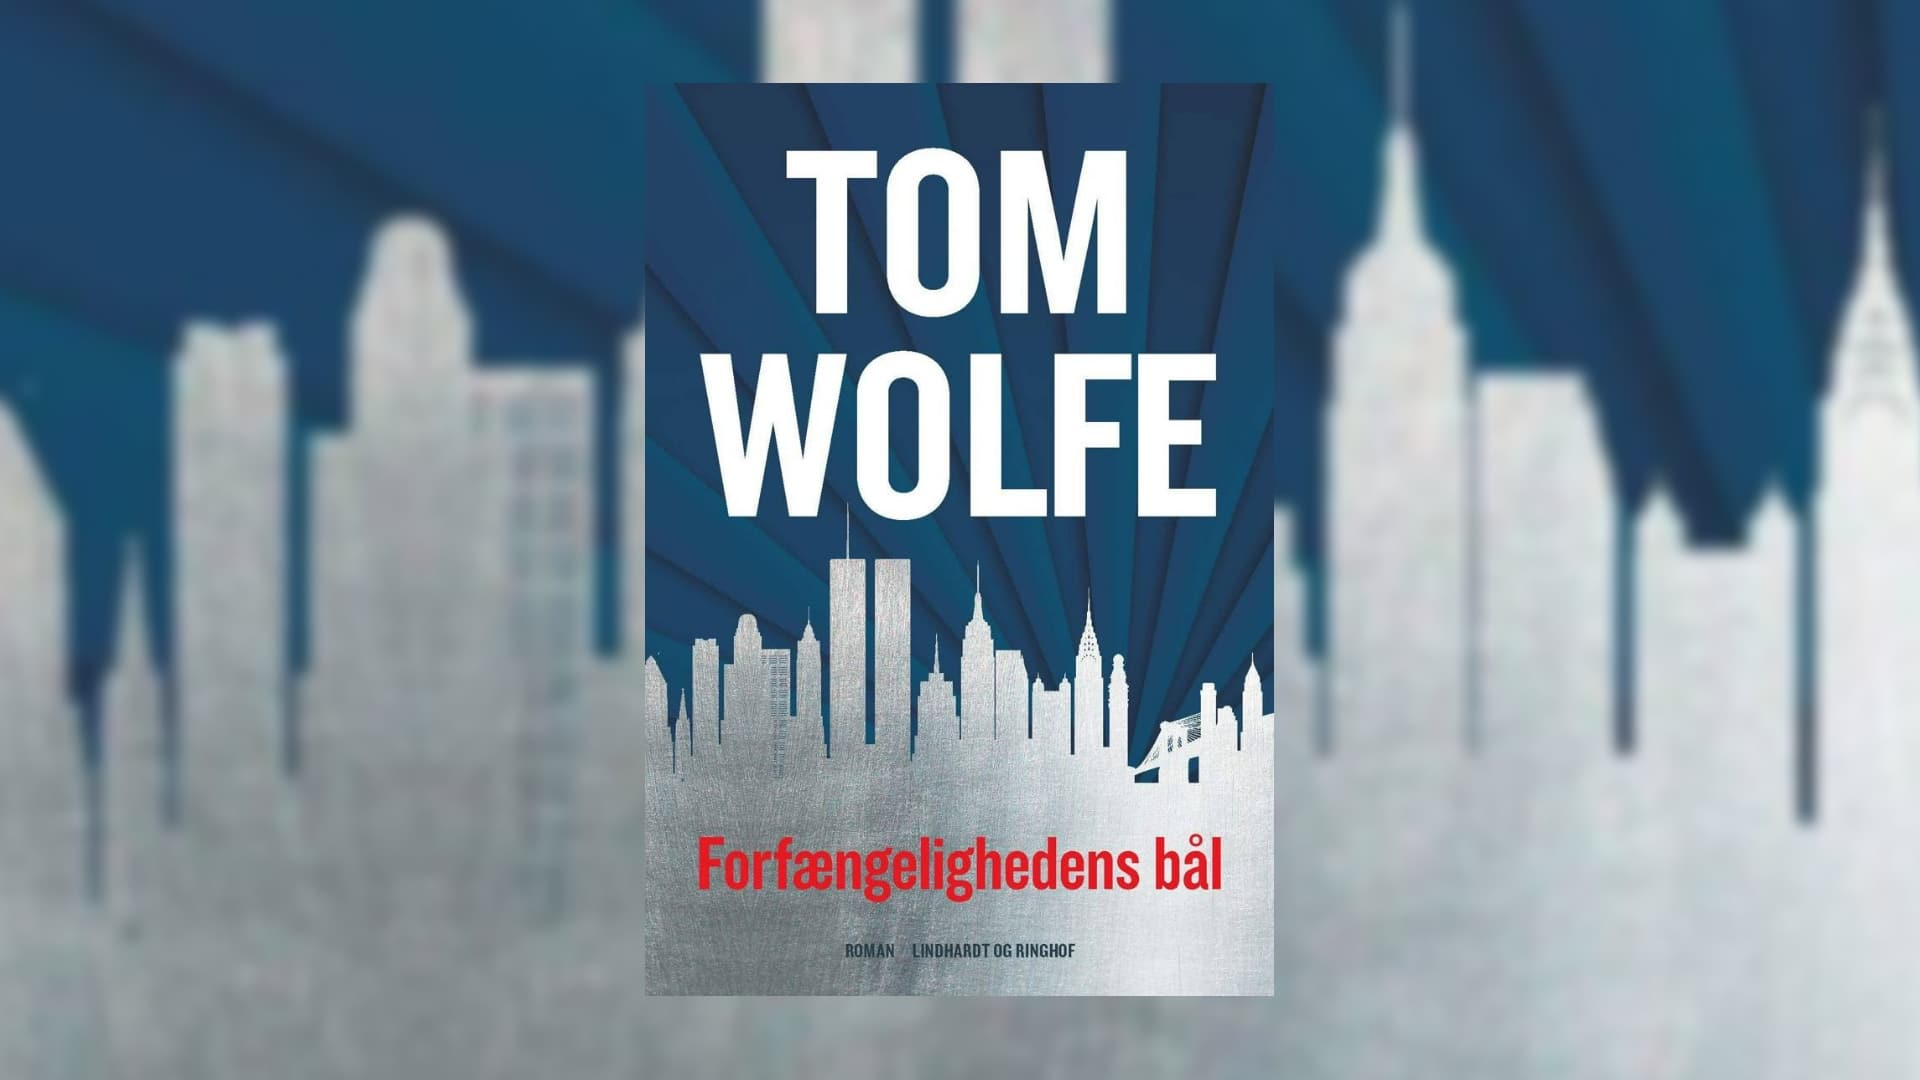 Tom Wolfe, Forfængelighedens bål, Lindhardt og Ringhof, New Journalism, New Yorker roman, Newyorker roman